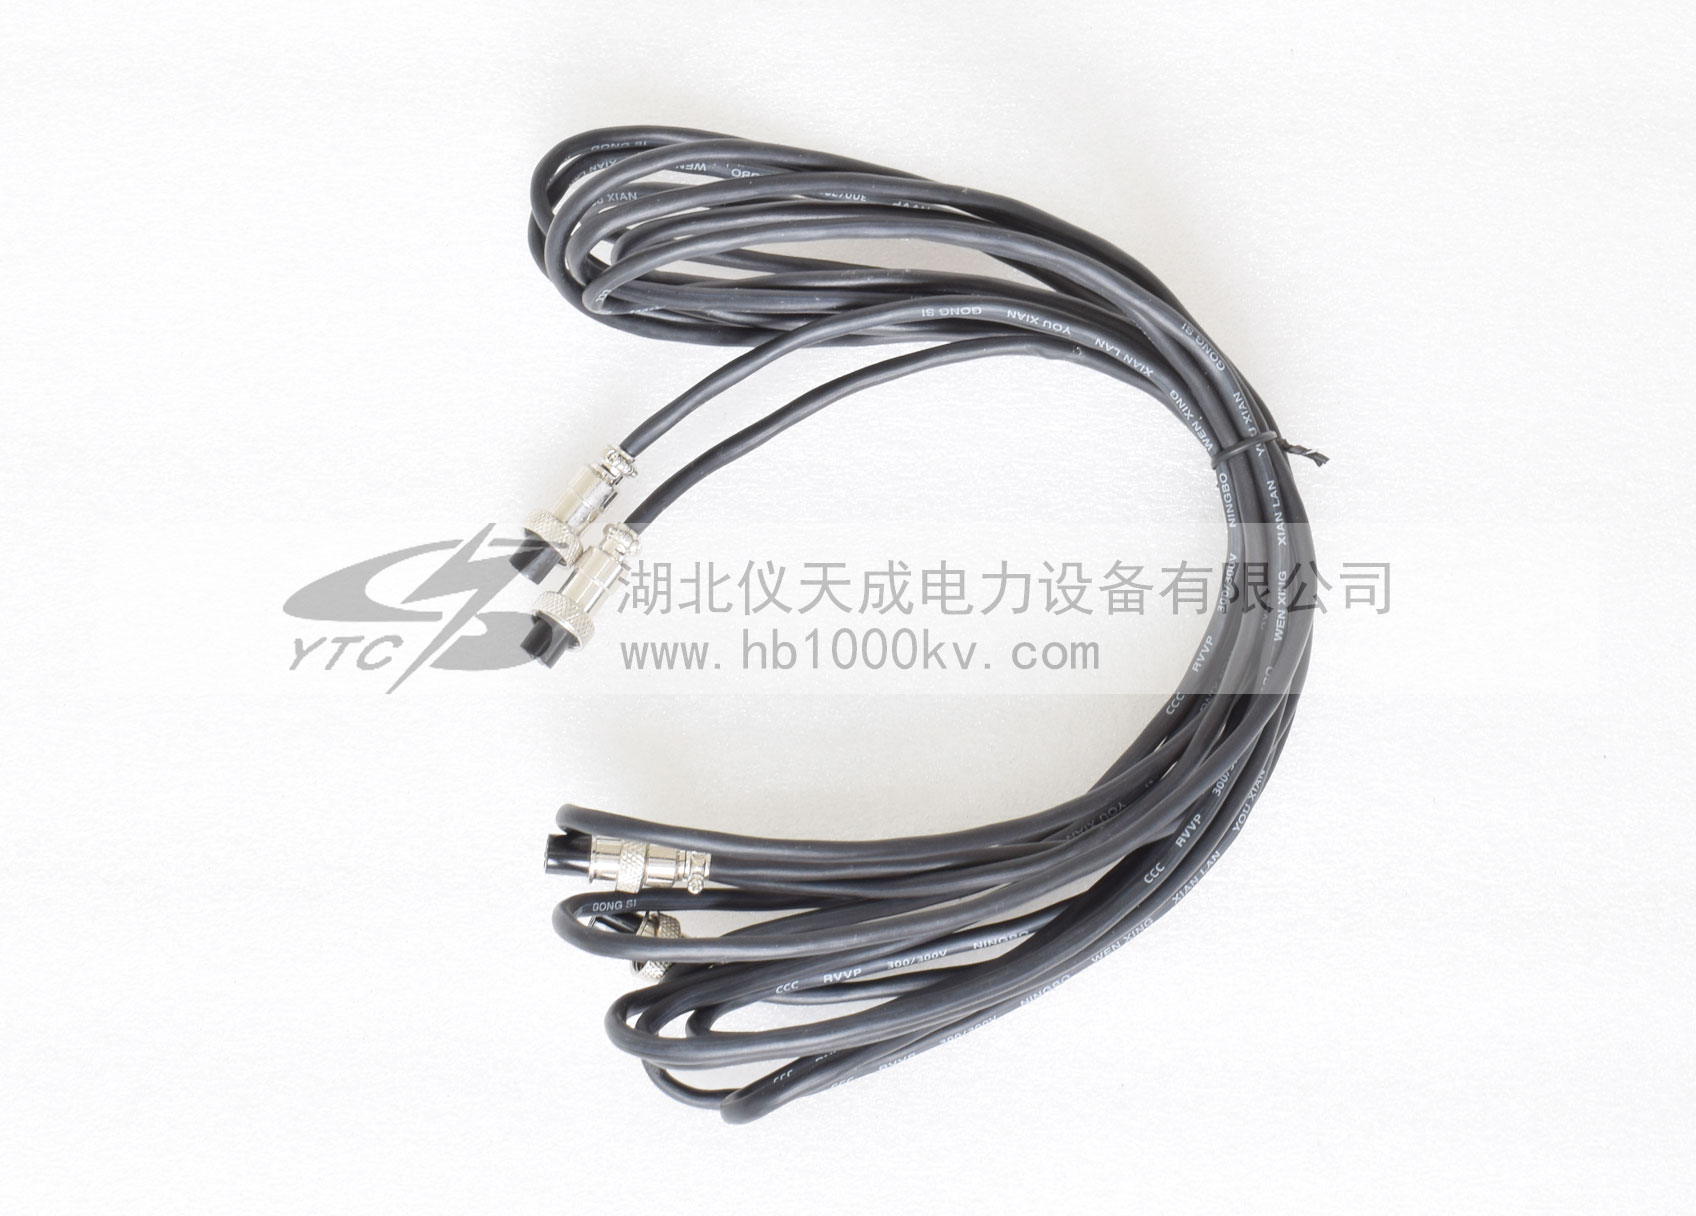 YTC607电缆刺扎器连接线1